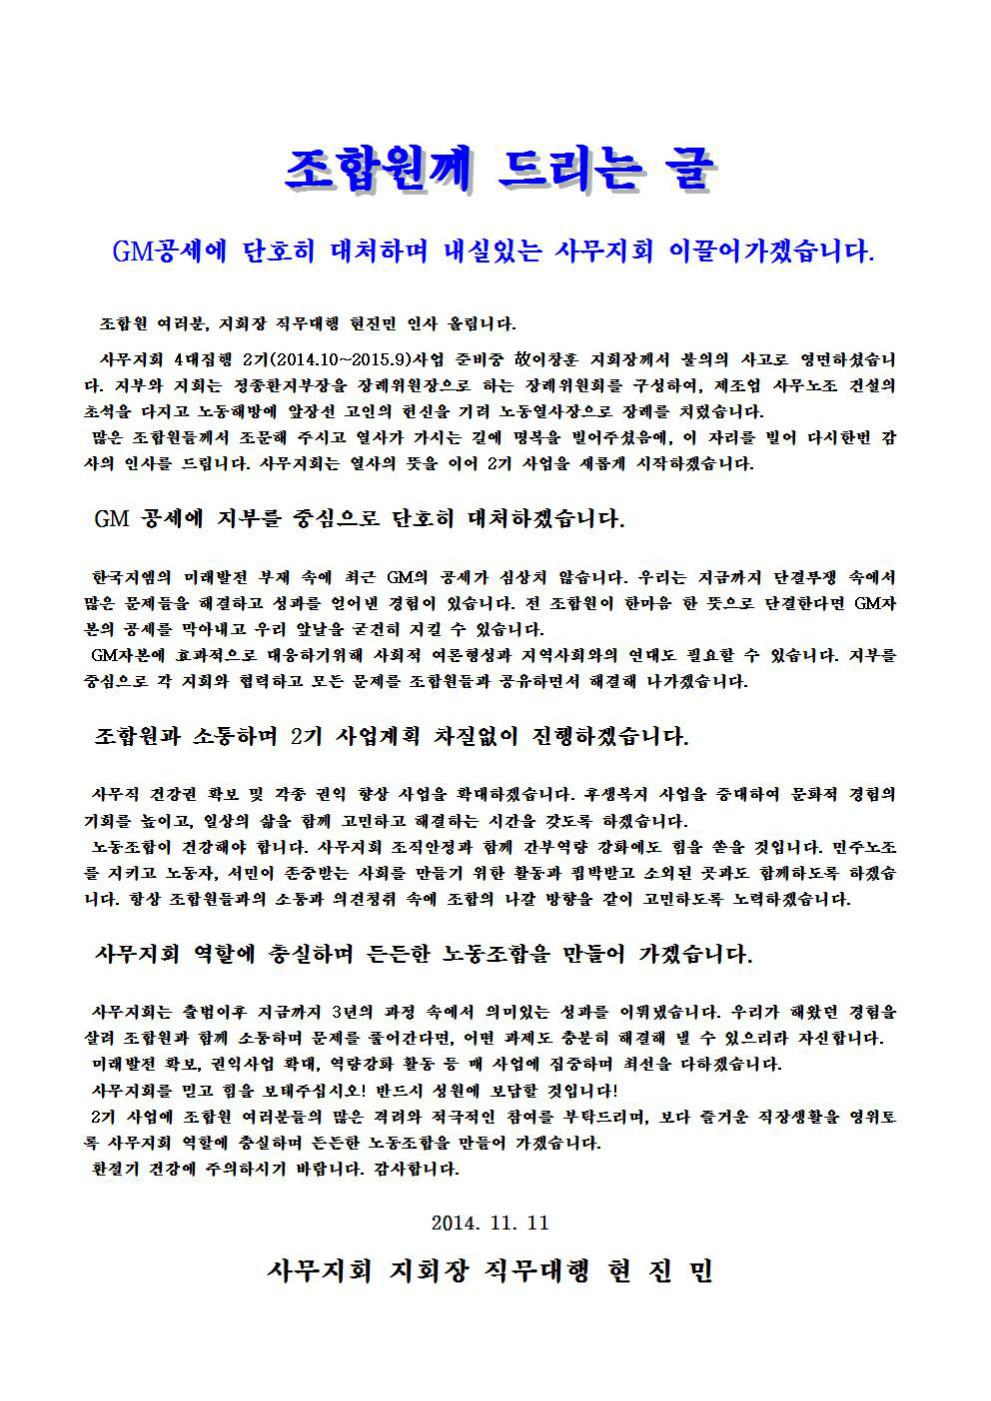 조합원에게 드리는 글_최종본2001.jpg